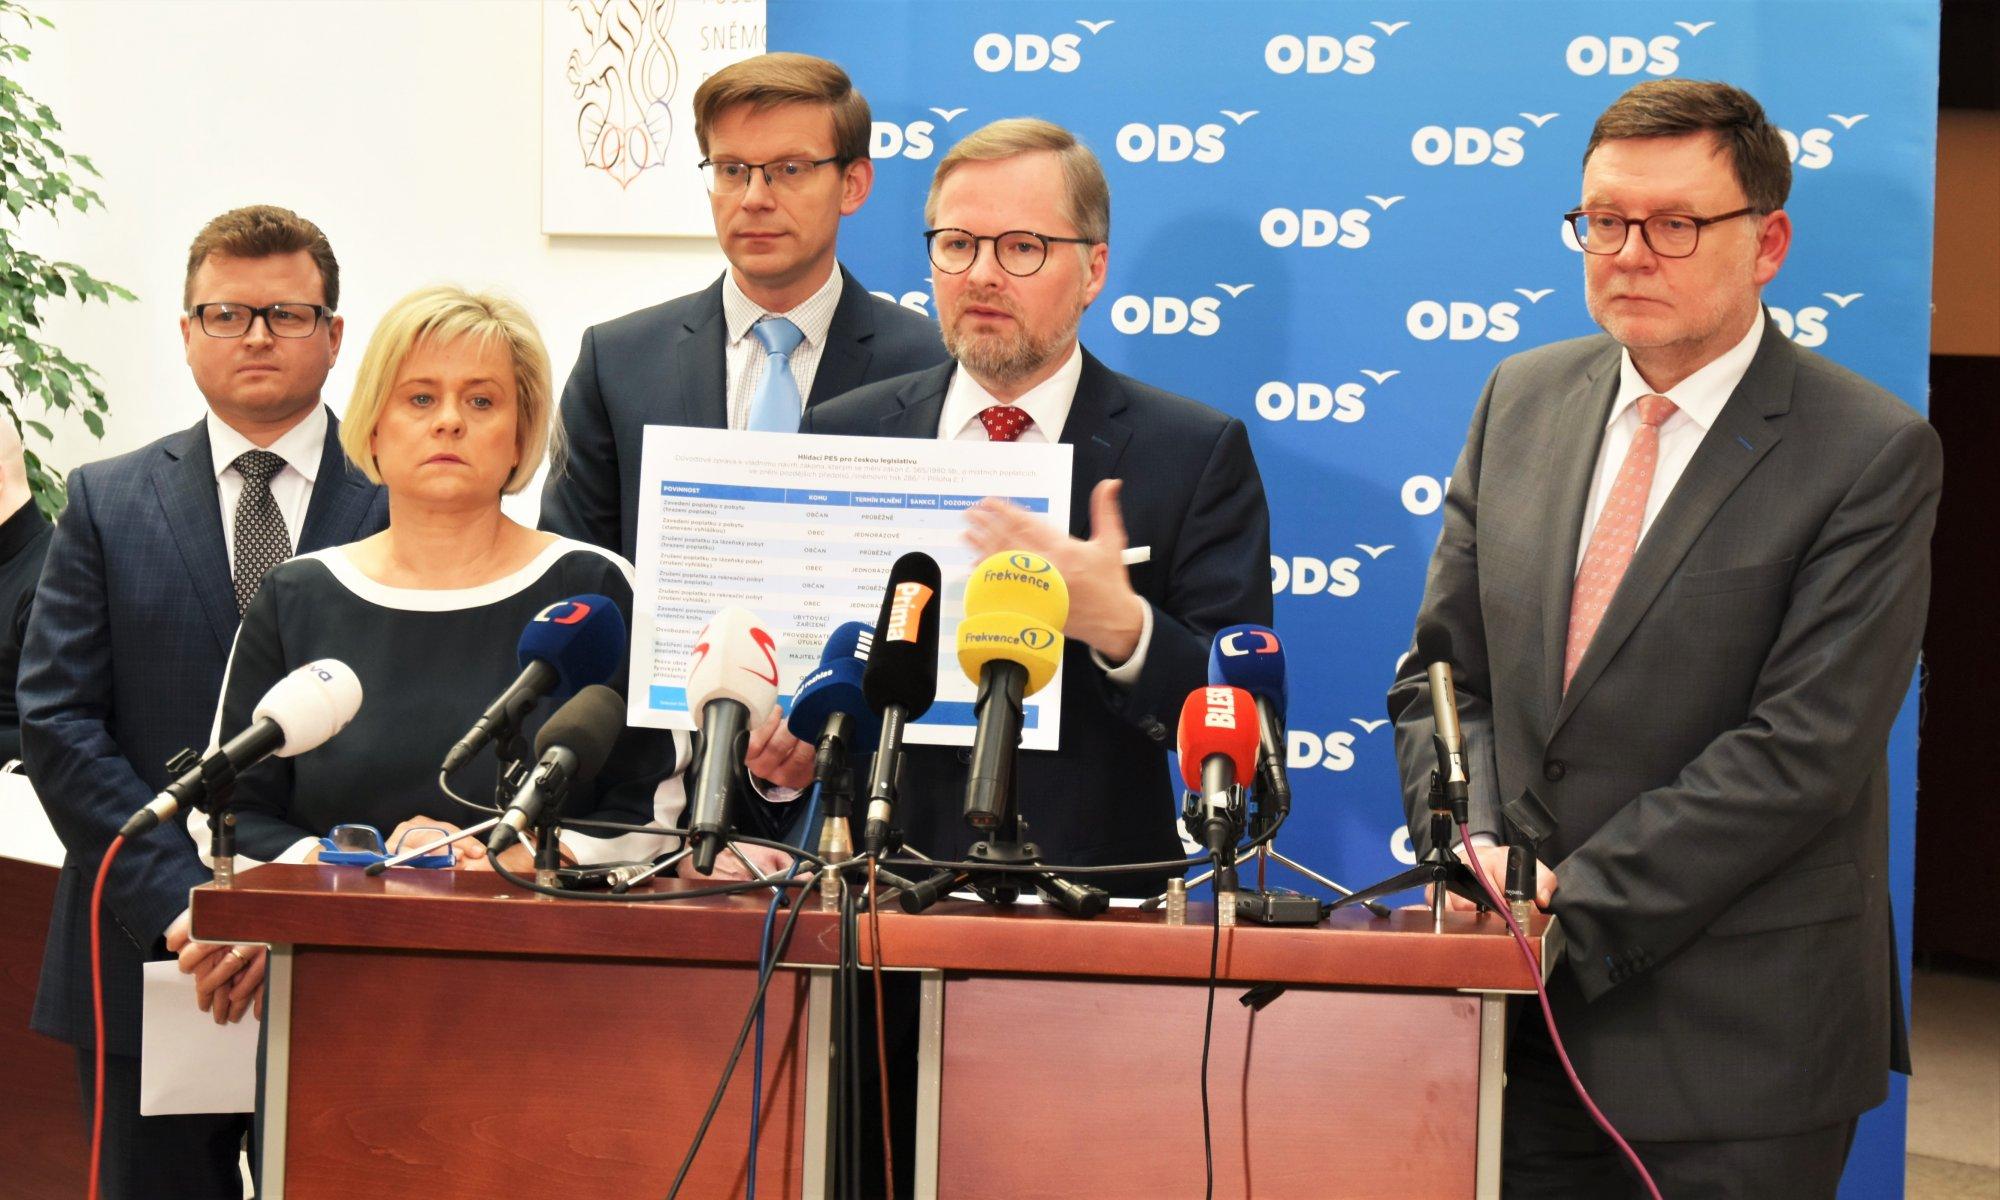 ODS: Závěry Evropské komise nejsou překvapením. Čeští zemědělci jsou ohroženi neoprávněným postupem premiéra